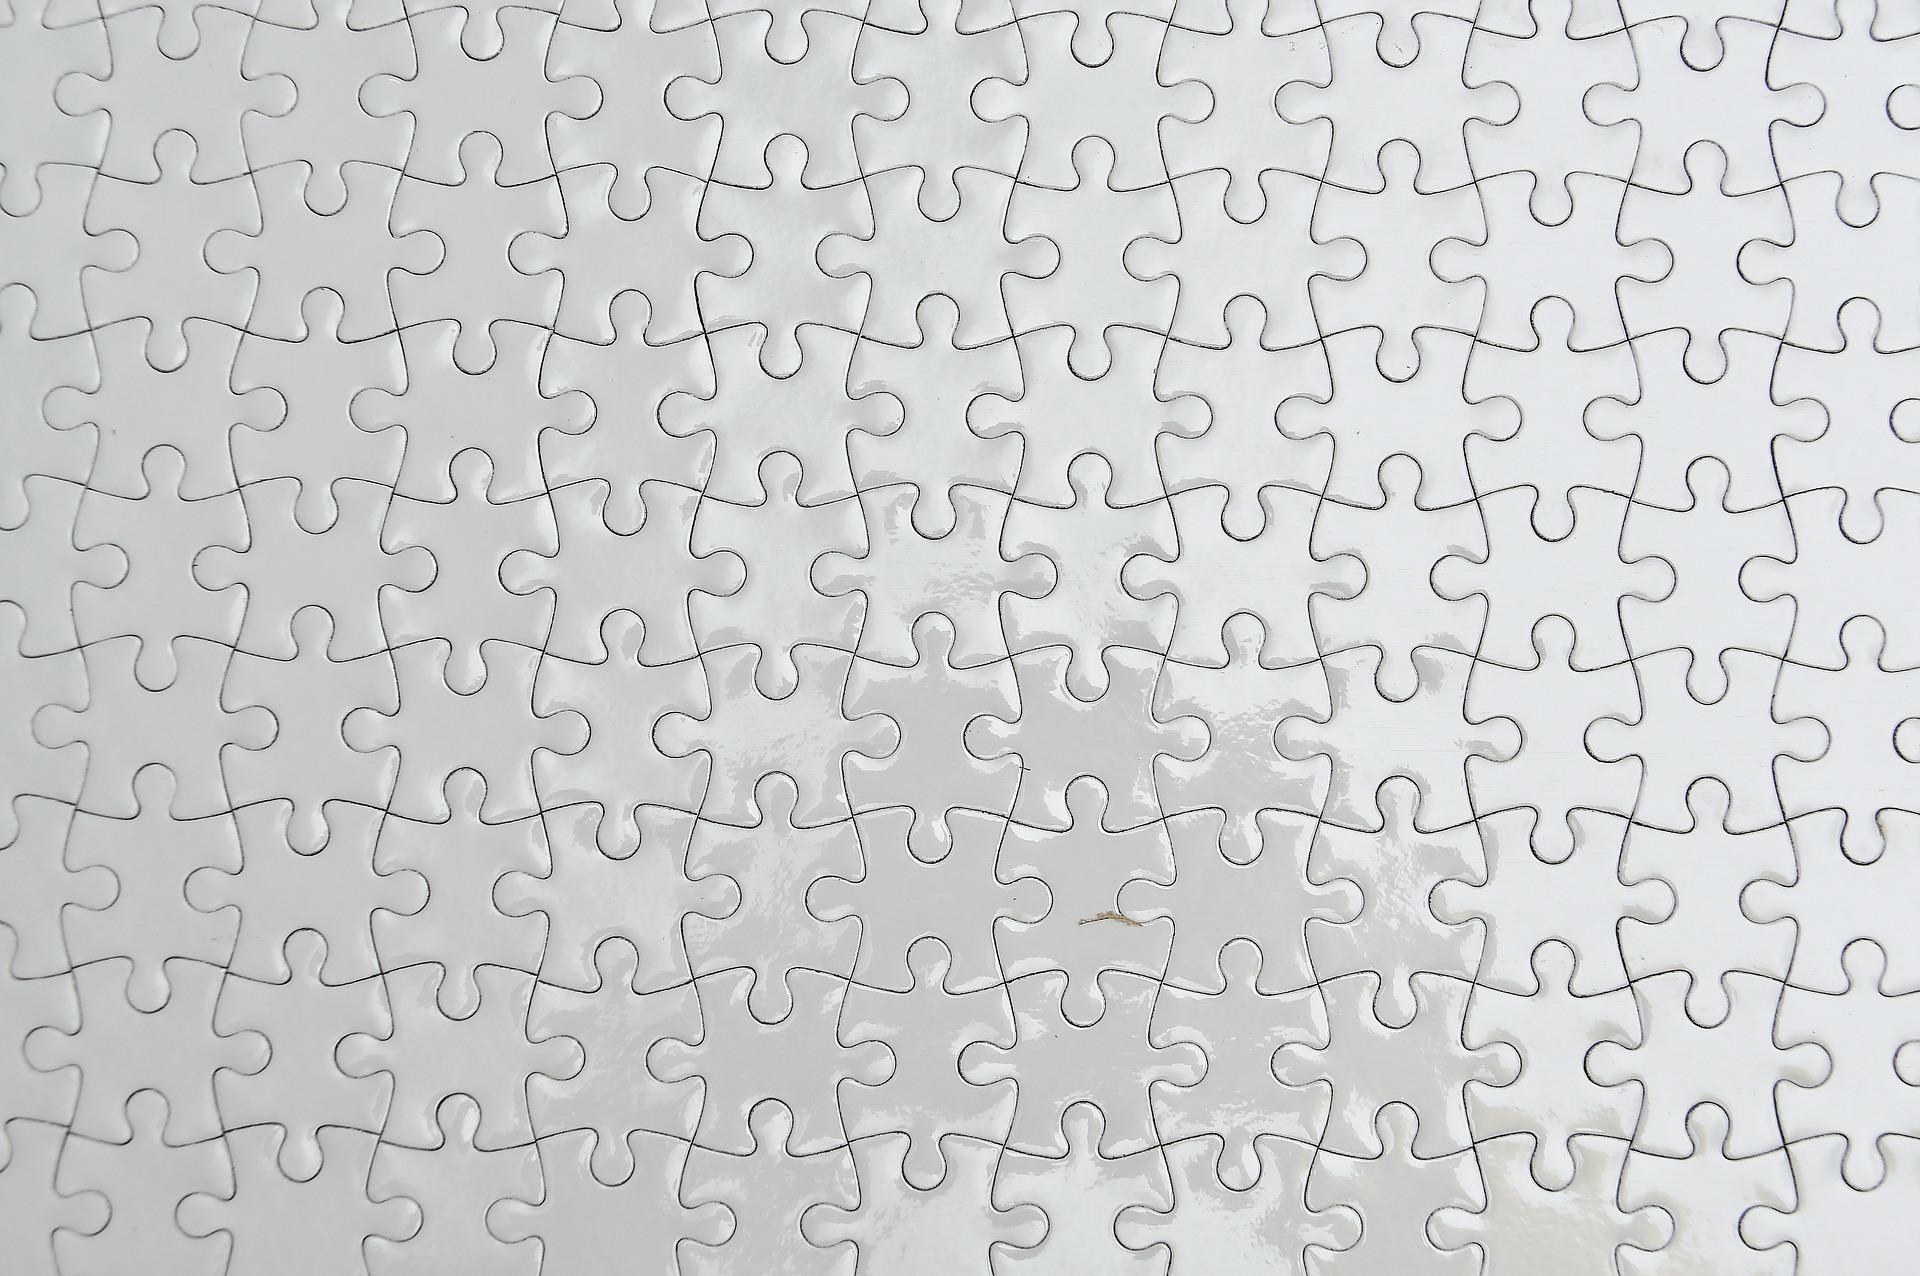 Puzzle 3935850 1920